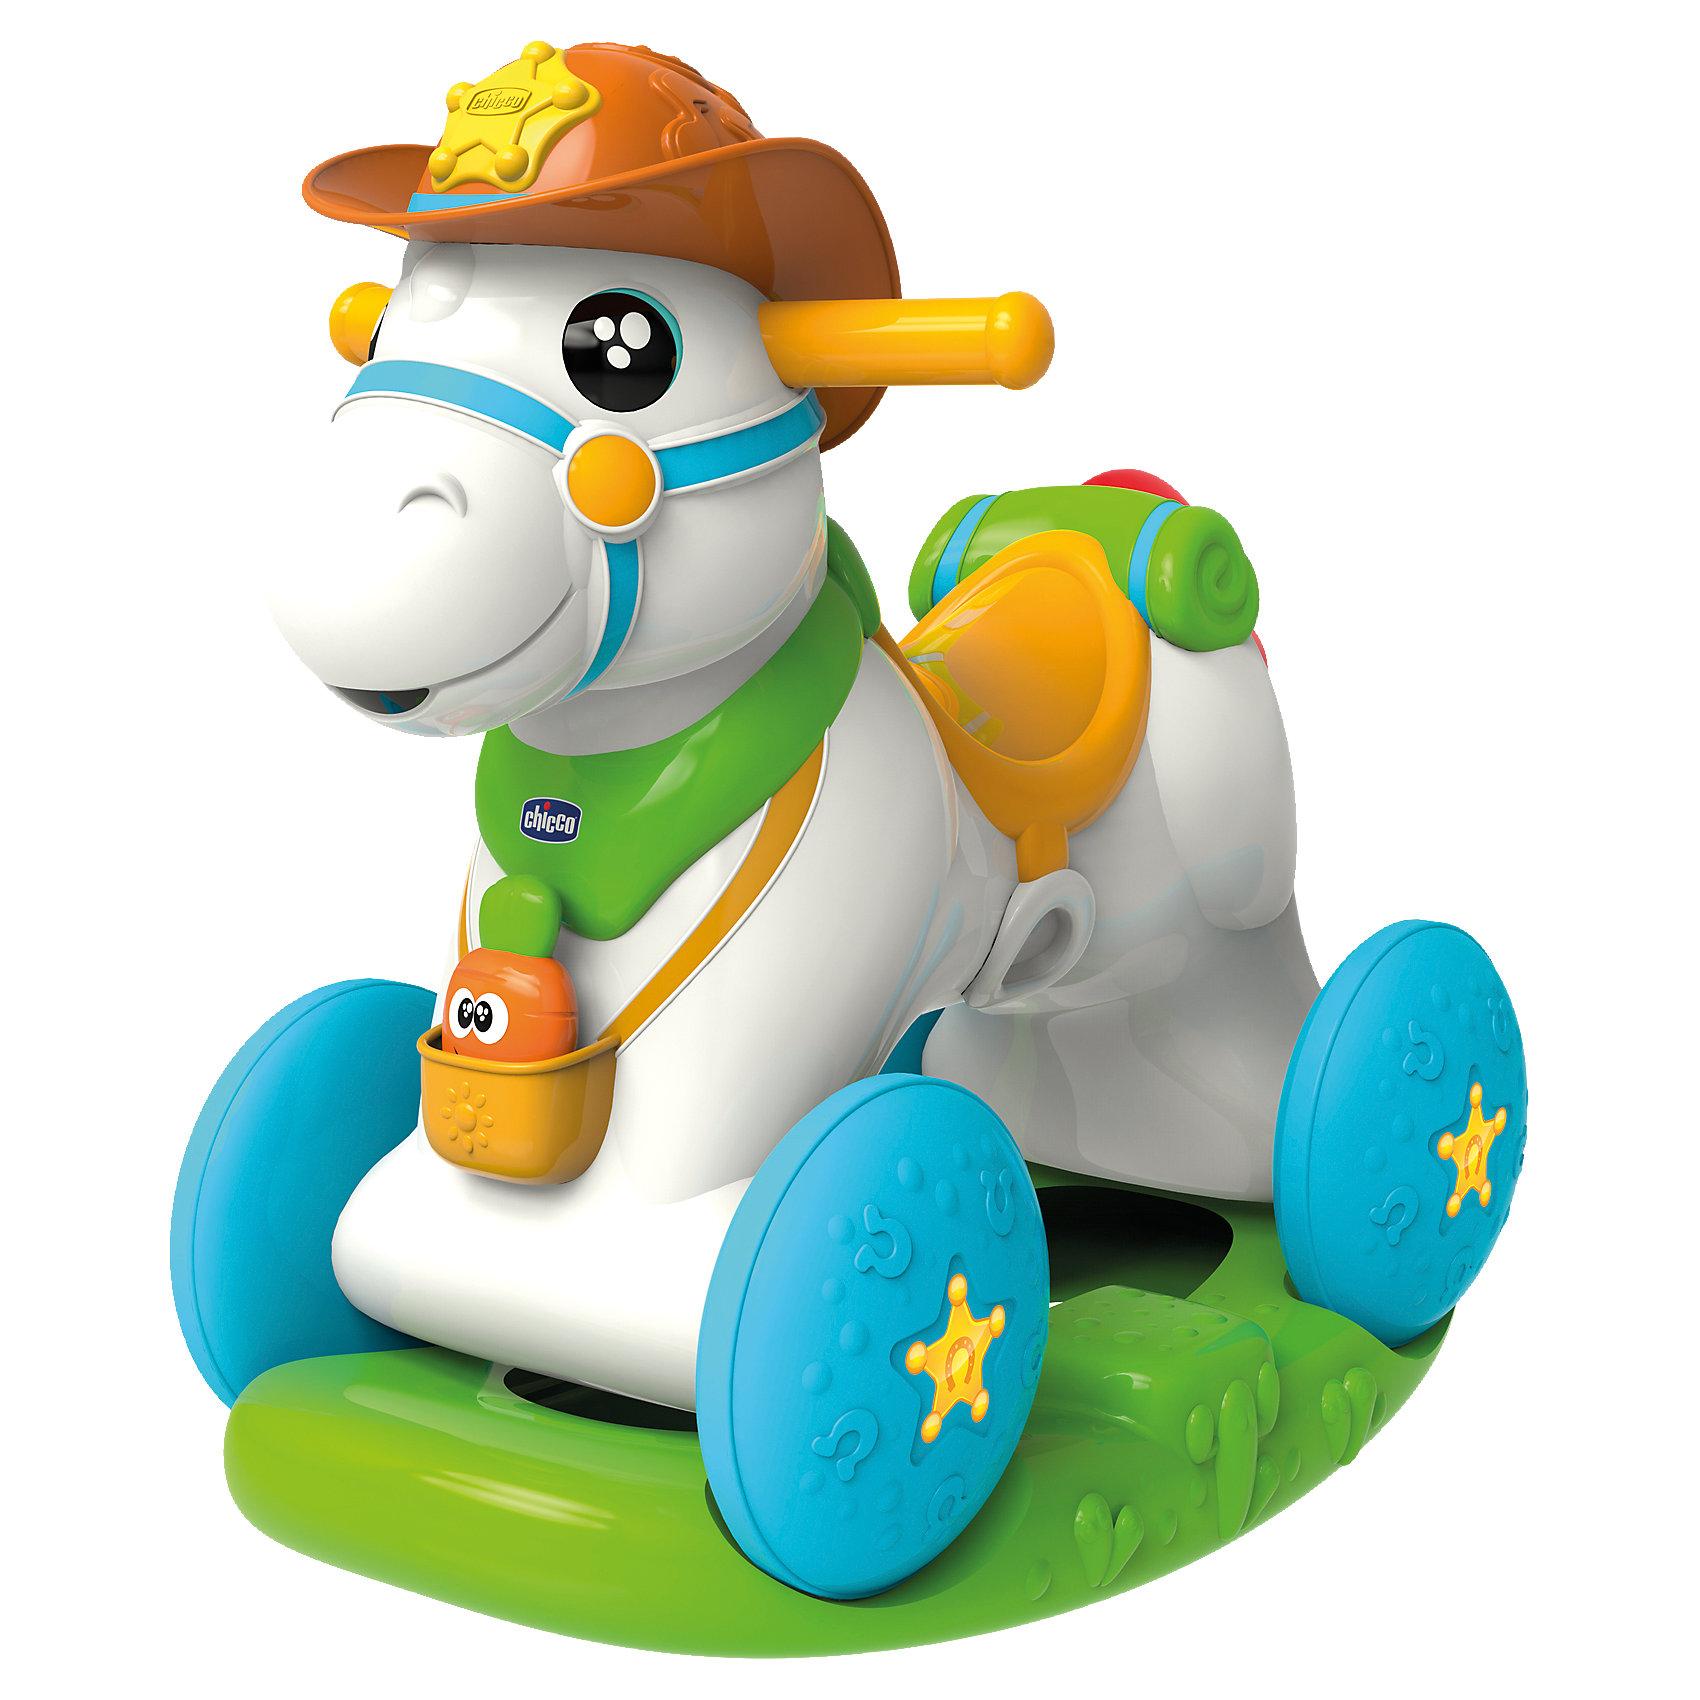 Лошадка-каталка Baby Rodeo, ChiccoМашинки-каталки<br>Лошадка-каталка Baby Rodeo, Chicco<br><br>Характеристики:<br><br>- в набор входит: лошадка-каталка, элементы питания<br>- состав: пластик<br>- размер лошадки-каталки: 64 * 30 * 58 см.<br>- функции: световые и звуковые эффекты<br>- элементы питания: на батарейках (3шт. АА)<br>- для детей в возрасте: от 1 до 2 лет <br>- Страна производитель: Китай<br><br>Новая Лошадка-каталка Baby Rodeo (Бейби Родео) от известного итальянского бренда товаров для детей Chicco (Чико) придет по вкусу малышам. Интерактивная лошадка открывает и закрывает глазки, кушает морковку и разговаривает. Морковка для кормления входит в набор, при поднесении ко рту лошадки активируется сигнал и лошадка будет радостно ржать. На лошадке с подставкой можно кататься как на классической каталке, у лошадки две удобные для детских пальчиков ручки по бокам. Колеса и подставка отдекорированы рельефными узорами, которые понравится трогать. <br><br>Благодаря колесам и съемной подставке на лошадке можно весело кататься по дому и отправиться на поиски приключений. Лошадка изготовлена из высококачественного пластика и может выдерживать вес до 25 кг. Развивайтесь вместе с лошадкой, отдавая ей тепло и заботу! Играя с лошадкой малыш сможет развивать тактильное, звуковое и цветовое восприятие, сможет развивать память, моторику и воображение.<br><br>Лошадку-каталку Baby Rodeo, Chicco можно купить в нашем интернет-магазине.<br><br>Ширина мм: 607<br>Глубина мм: 501<br>Высота мм: 434<br>Вес г: 6524<br>Возраст от месяцев: 12<br>Возраст до месяцев: 24<br>Пол: Унисекс<br>Возраст: Детский<br>SKU: 4642243